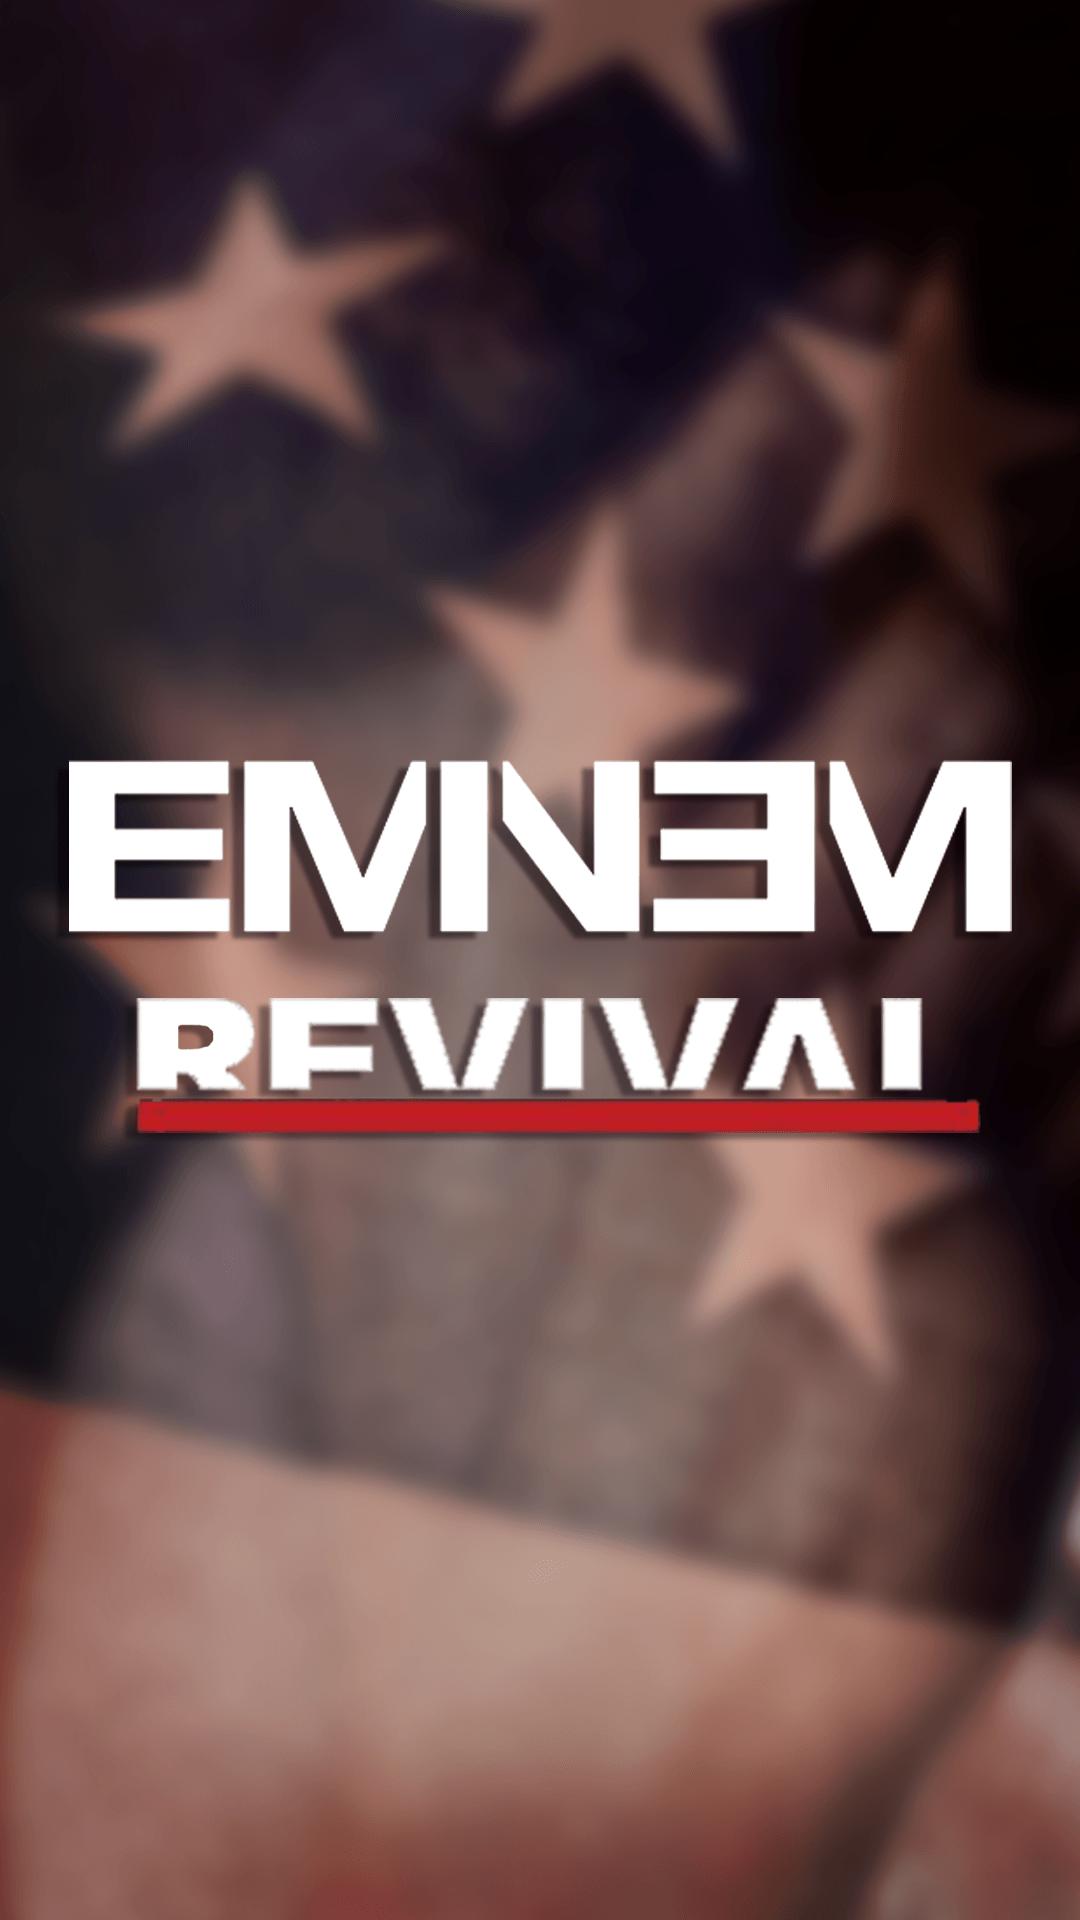 Eminem Revival Eminem, Eminem wallpapers, Celebrity